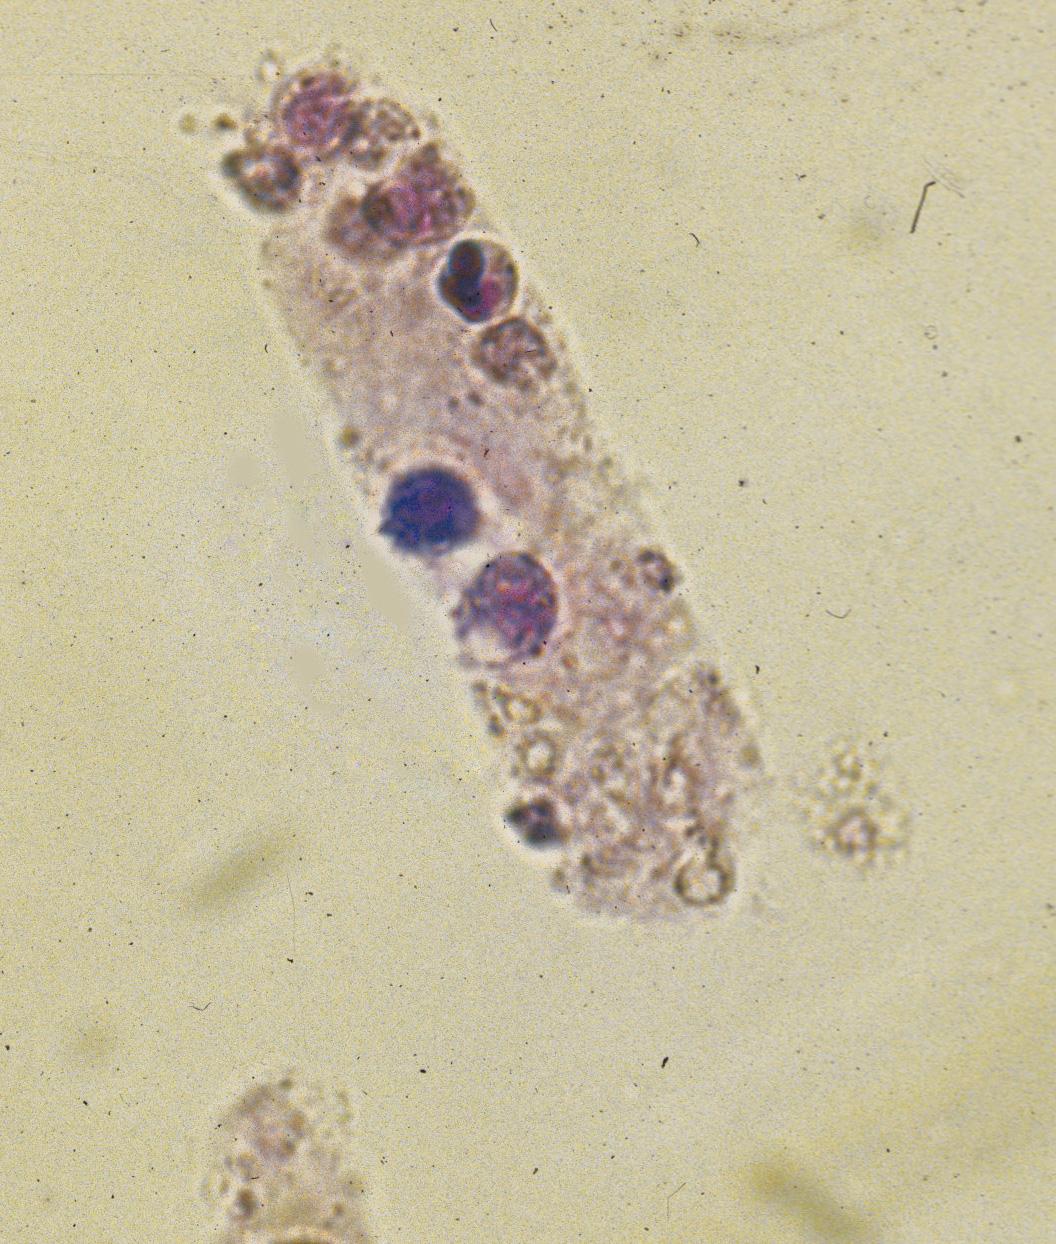 Rbc Casts In Urine